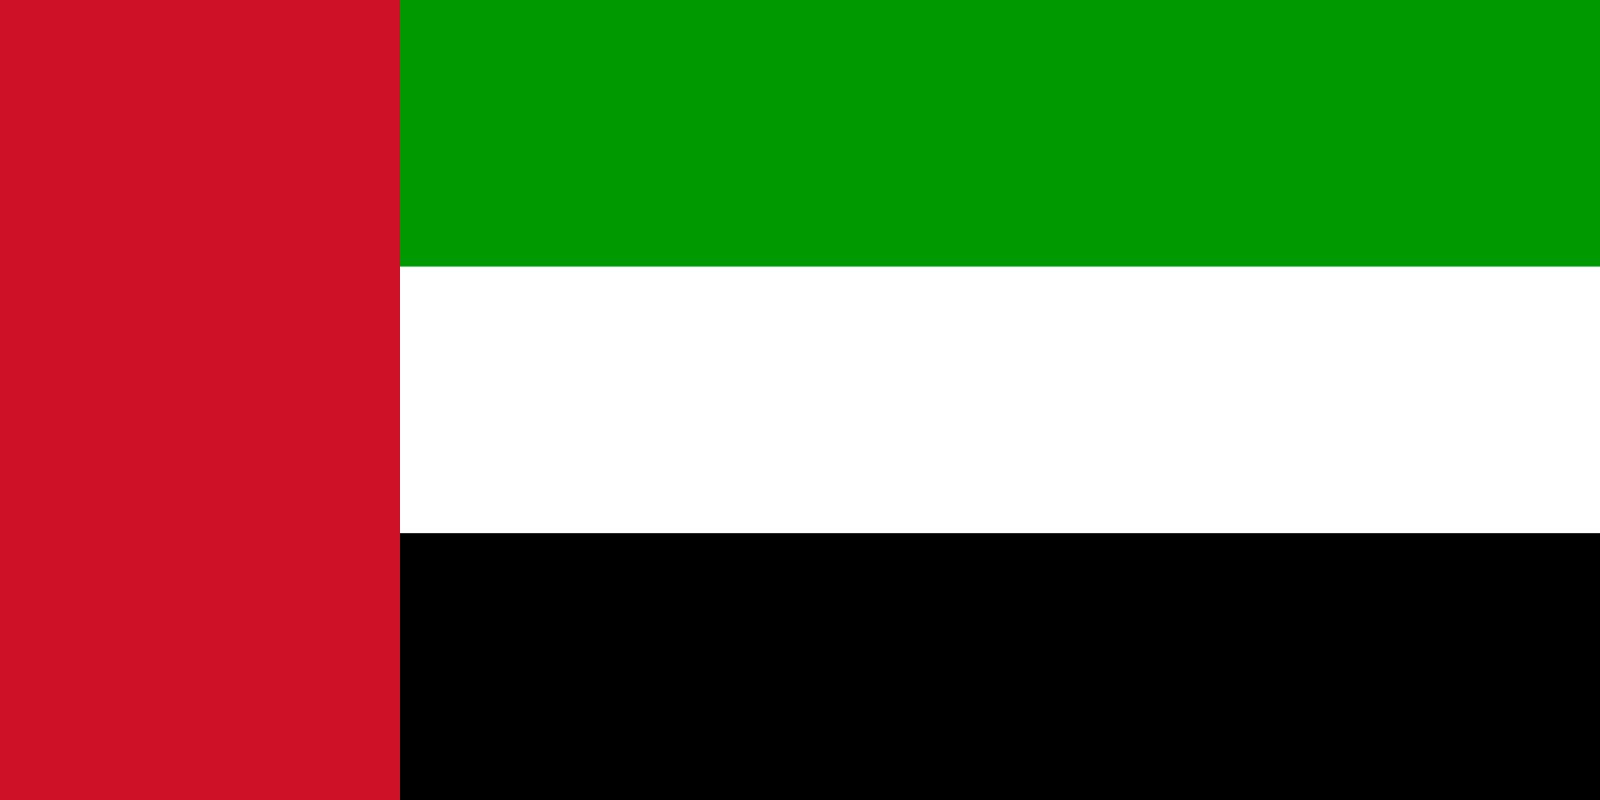 UAE AFC Asian Cup